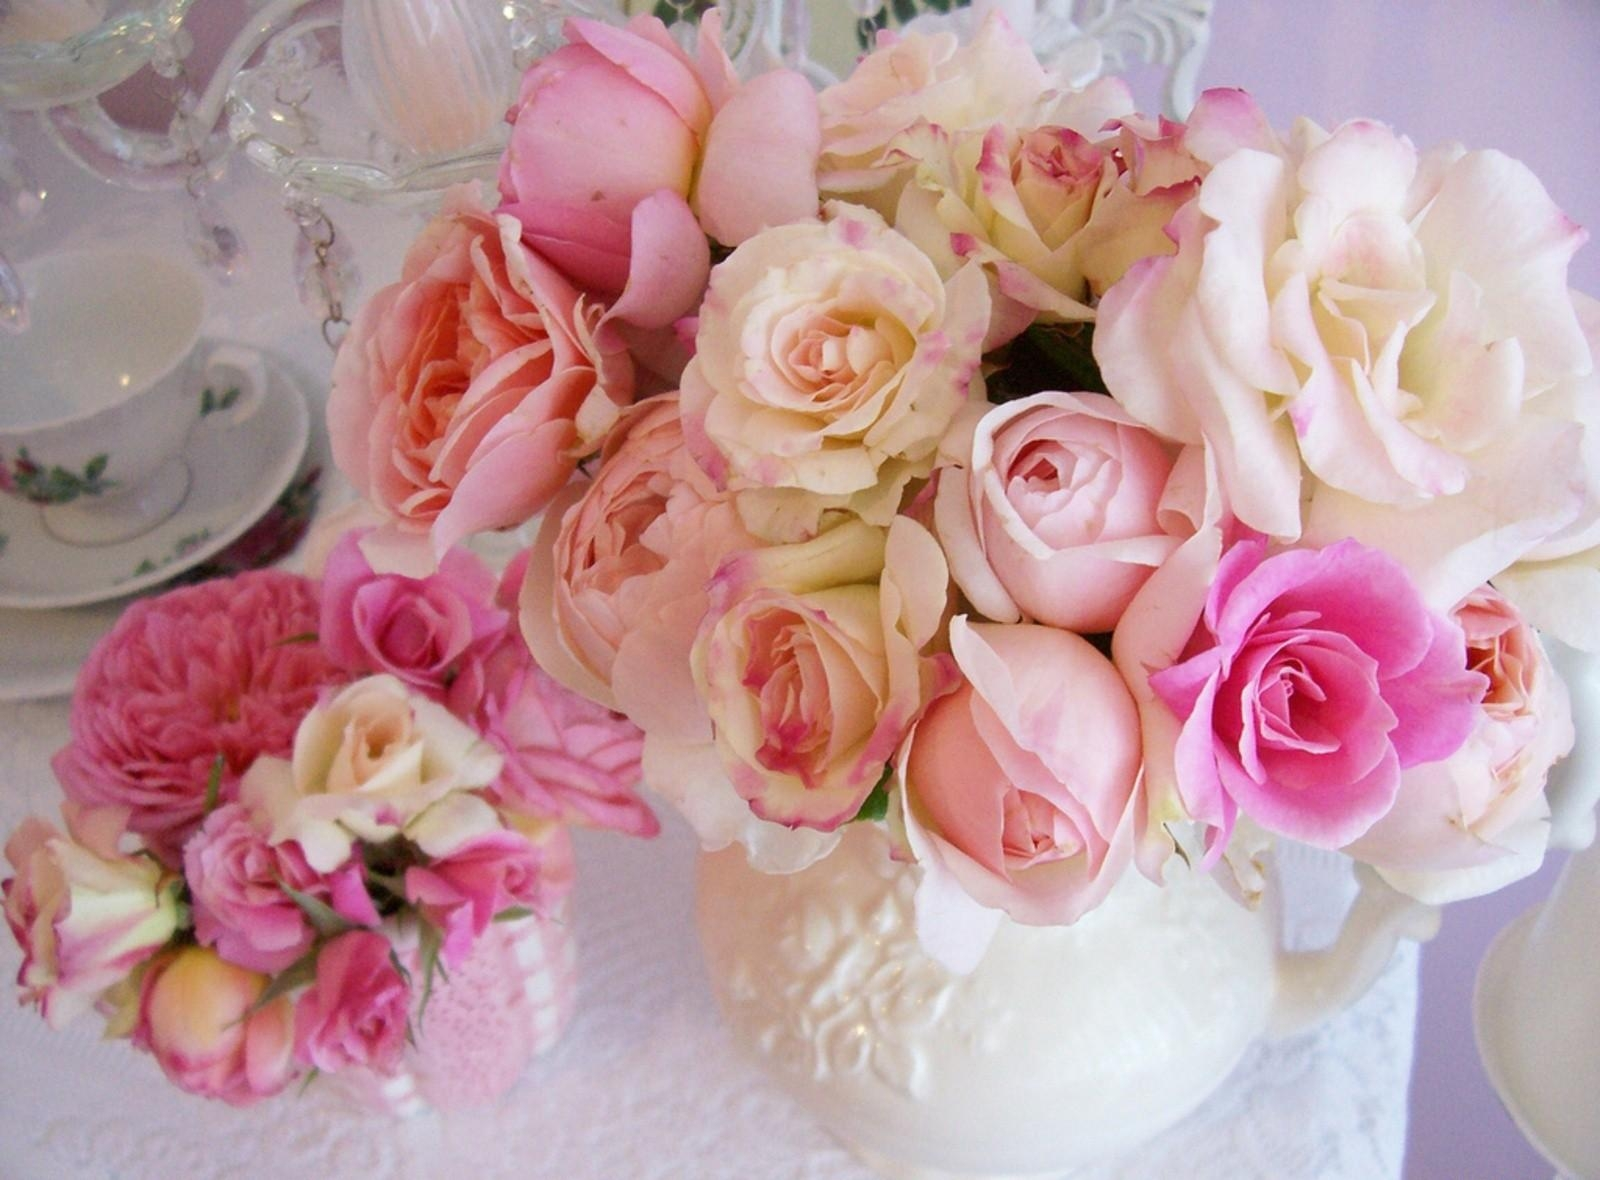 139135 скачать обои Цветы, Ваза, Букет, Стол, Сервировка, Розы - заставки и картинки бесплатно